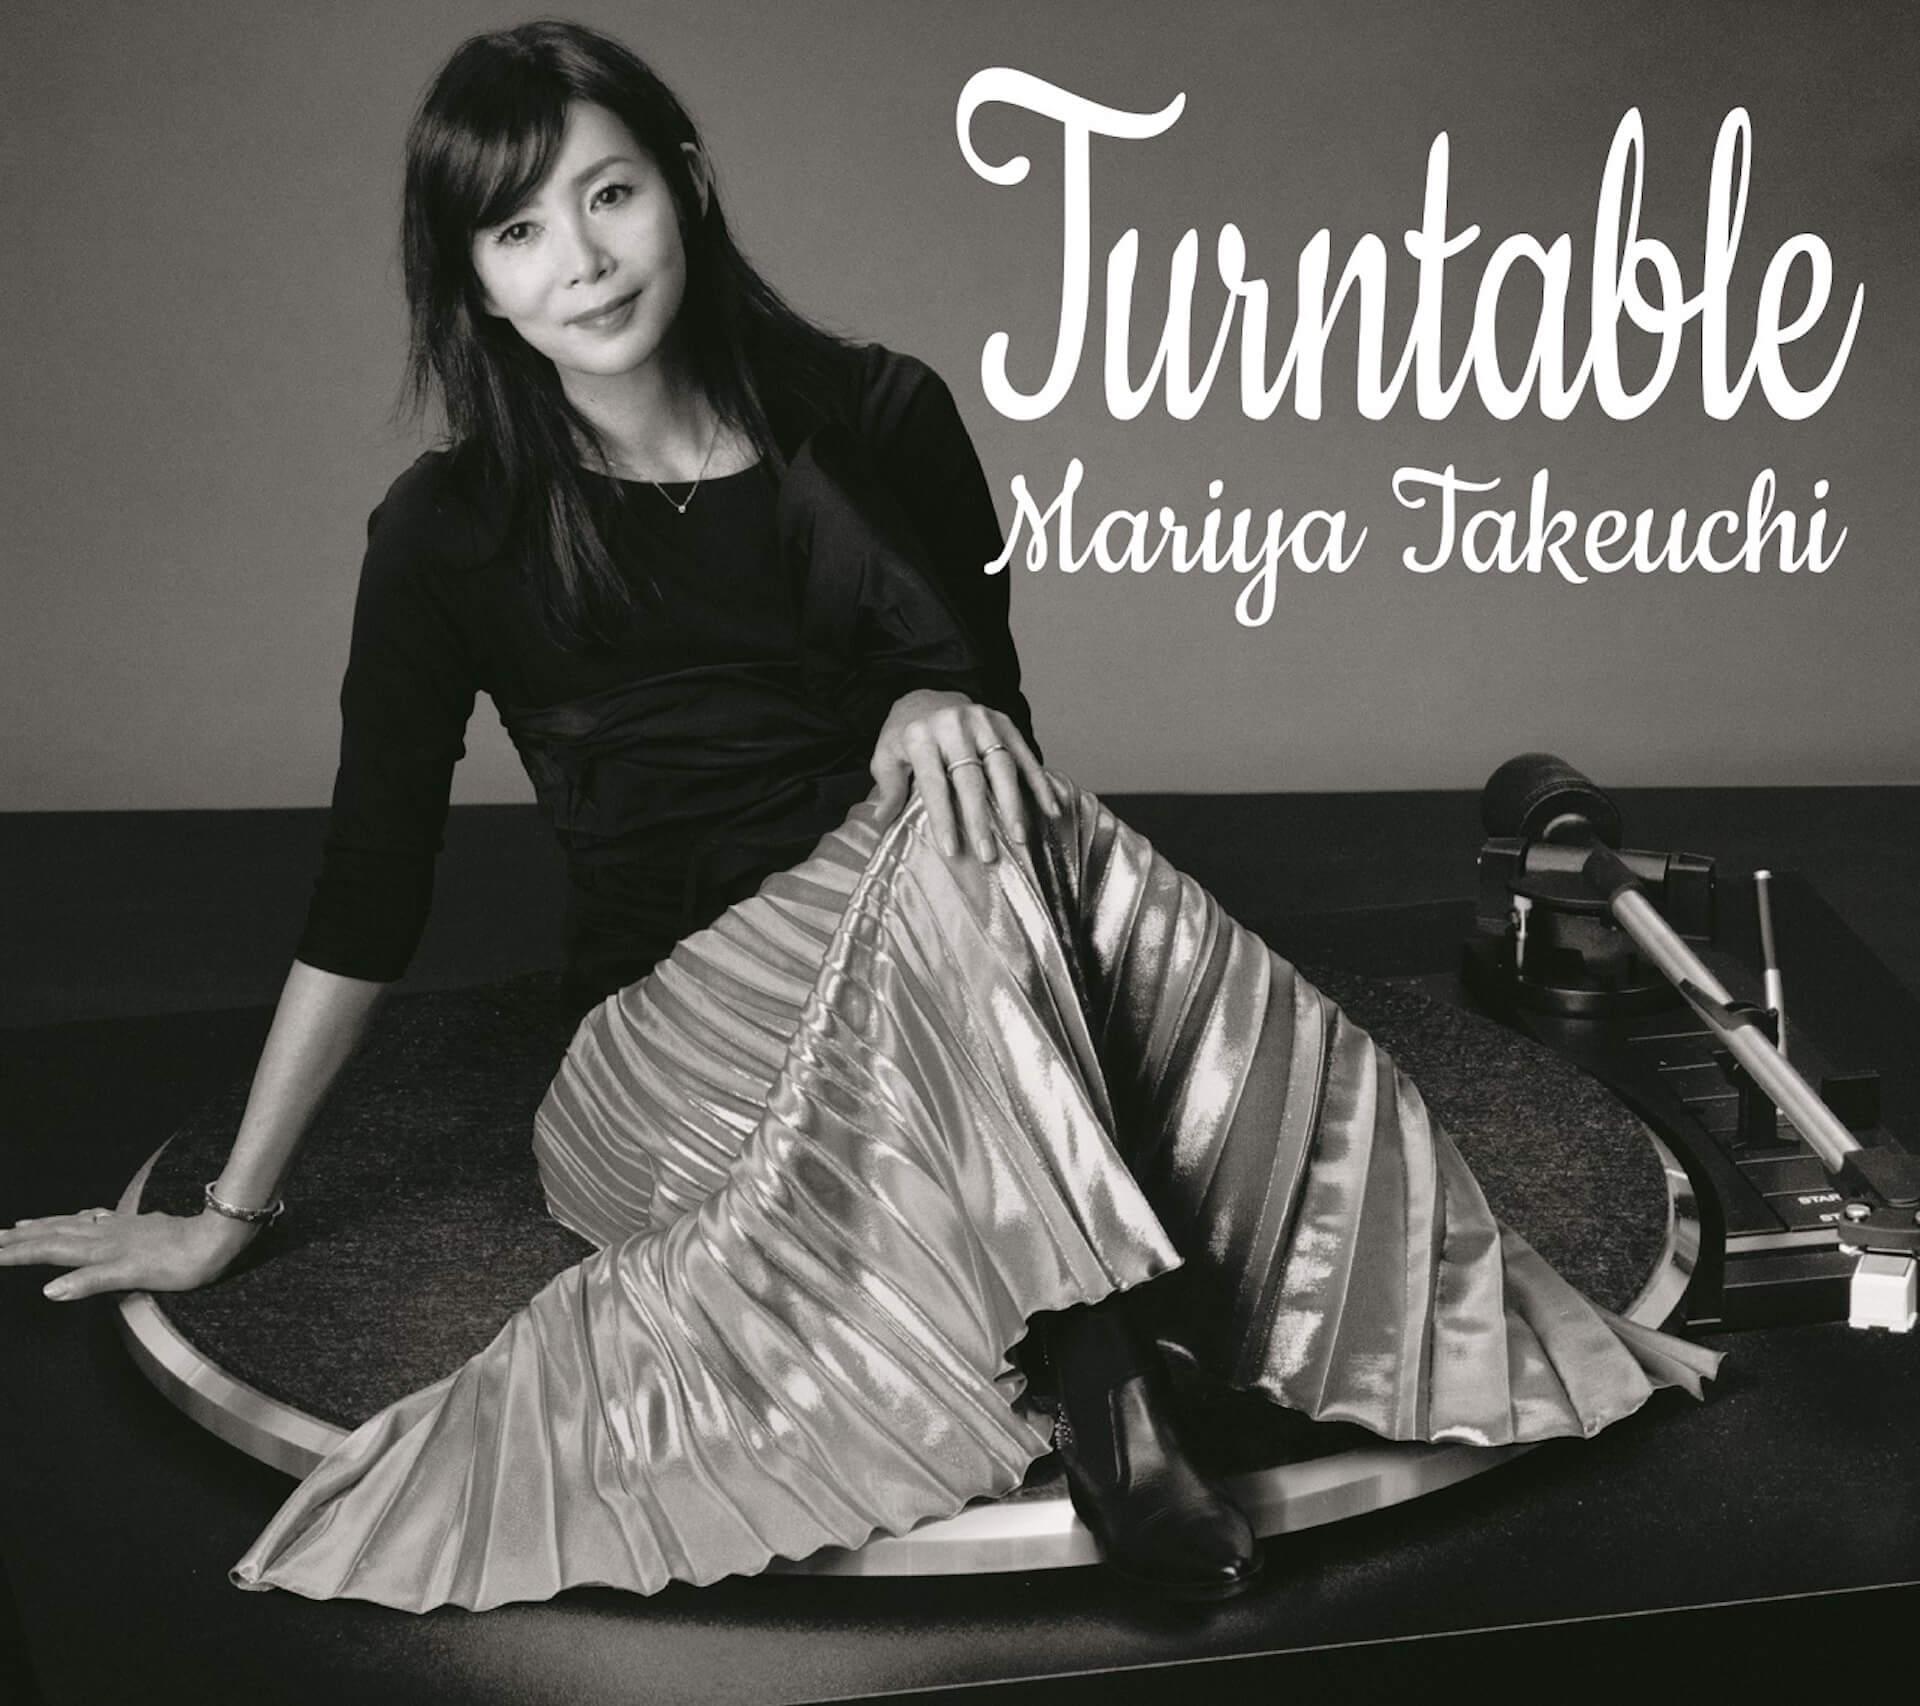 竹内まりやのニューアルバム『Turntable』発売を記念した広末涼子主演のショートムービー第2話公開! 105fd73d49abf3f3e4b96d1bed7254a1